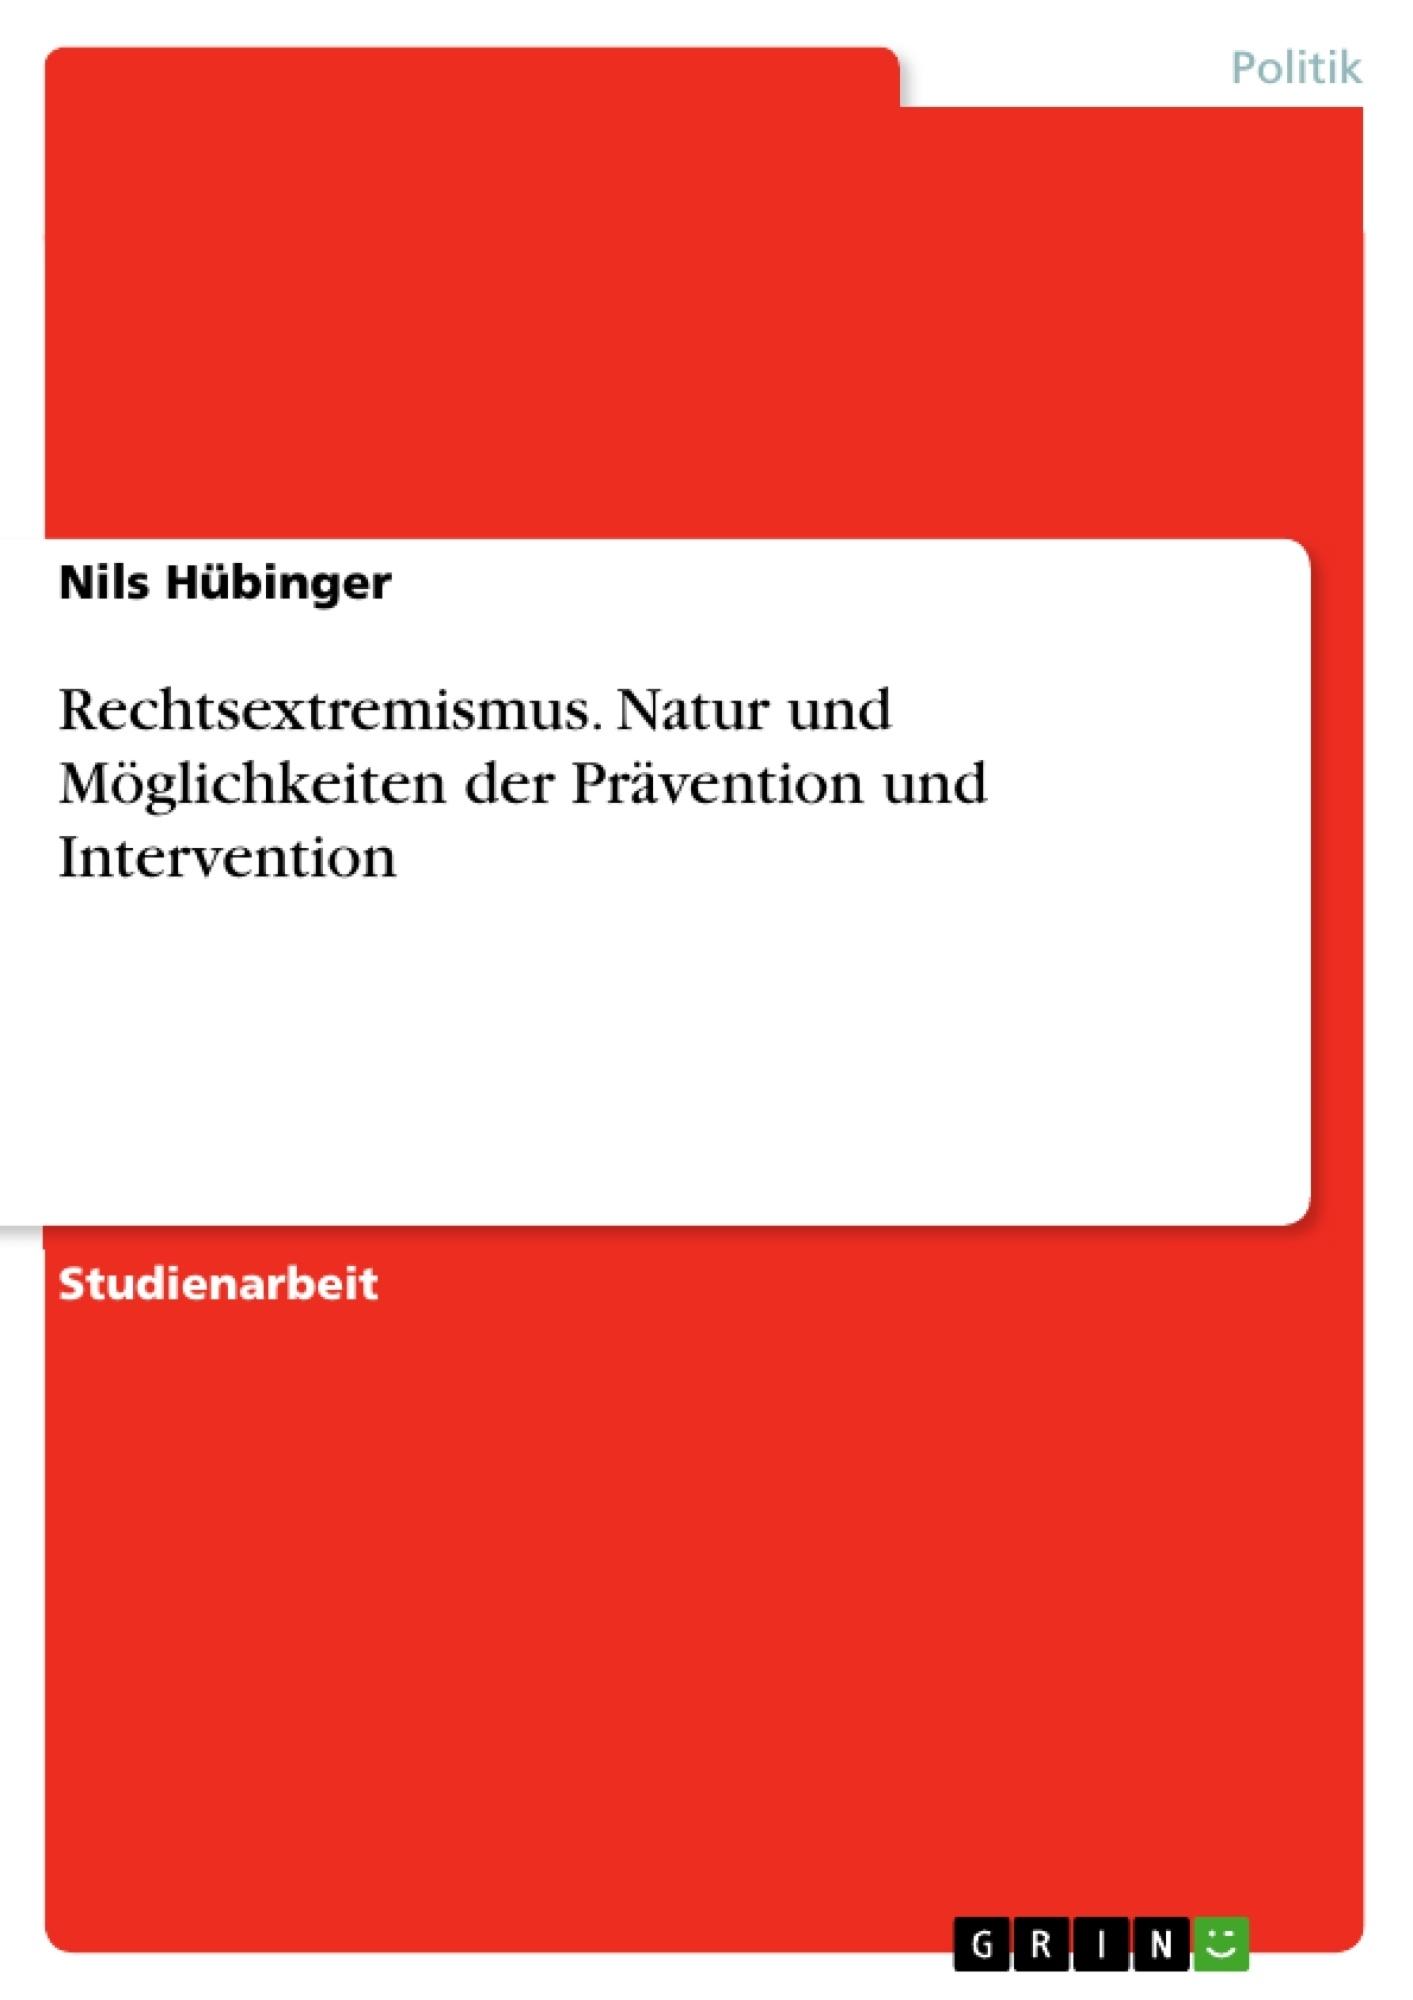 Titel: Rechtsextremismus. Natur und Möglichkeiten der Prävention und Intervention